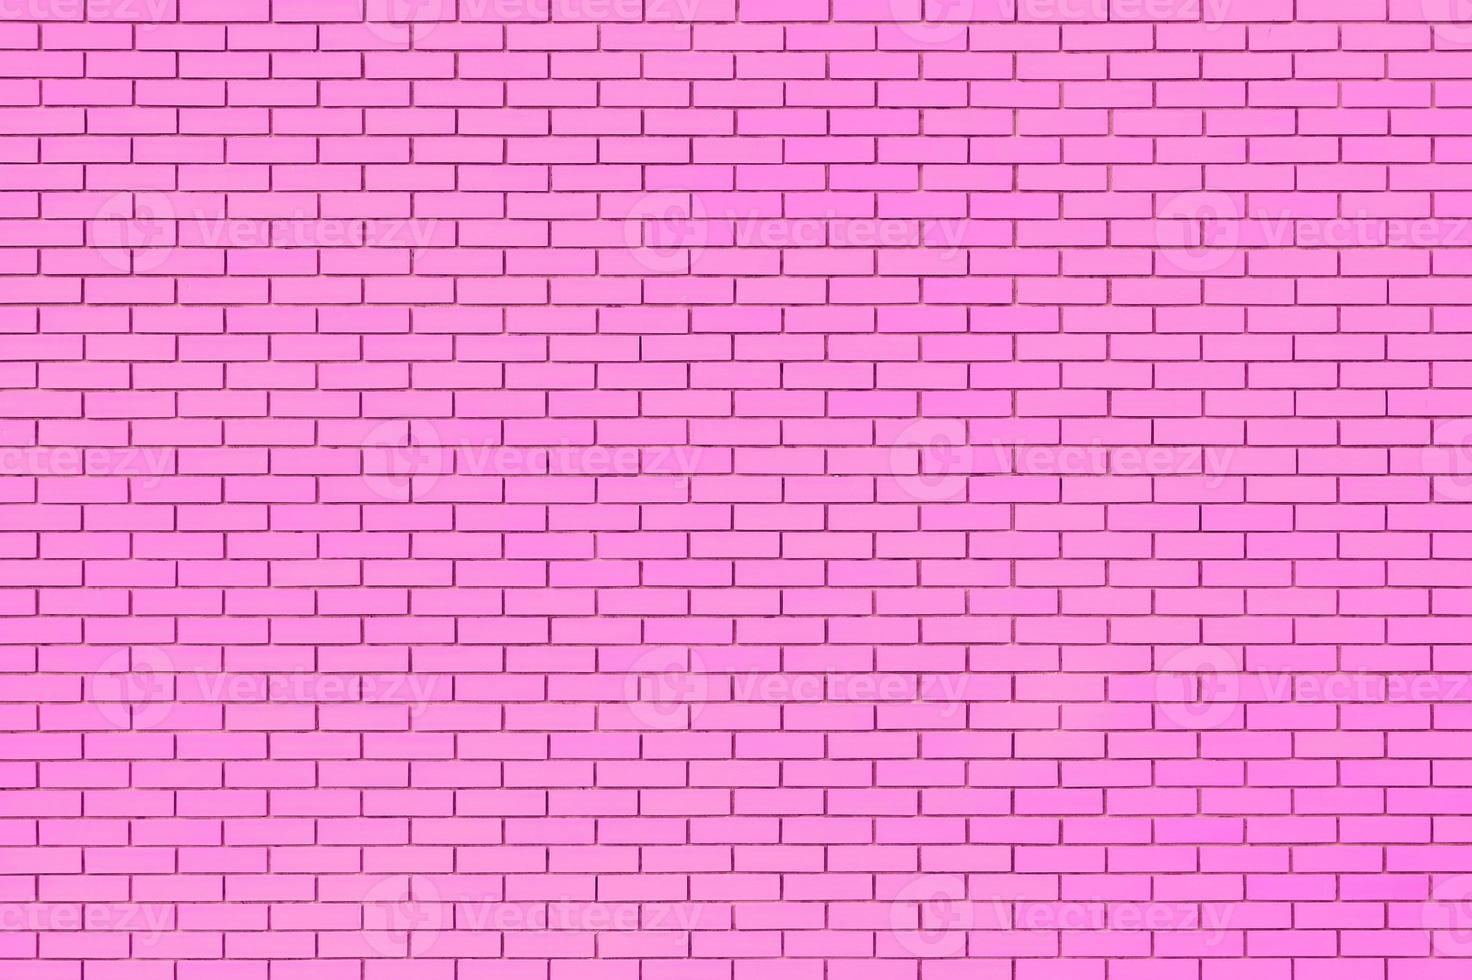 rosa Betonlederbeschaffenheit für Hintergrund foto